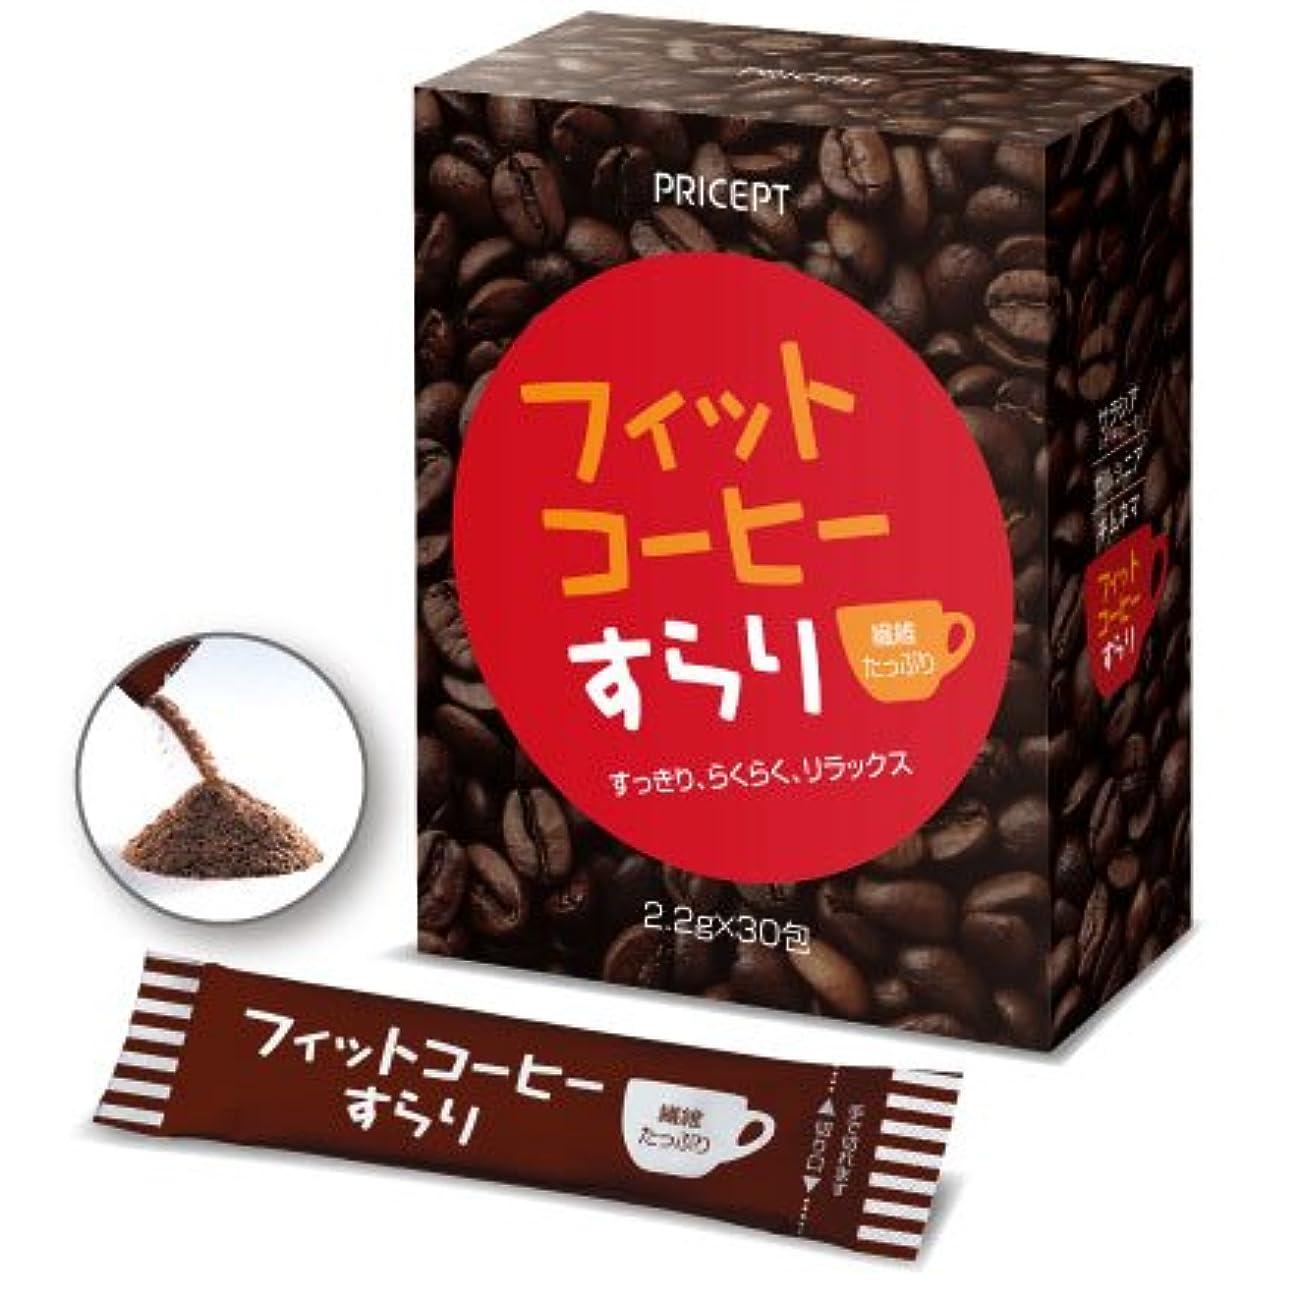 追跡アブセイ繕うプリセプト フィットコーヒーすらり 30包【単品】(ダイエットサポートコーヒー)